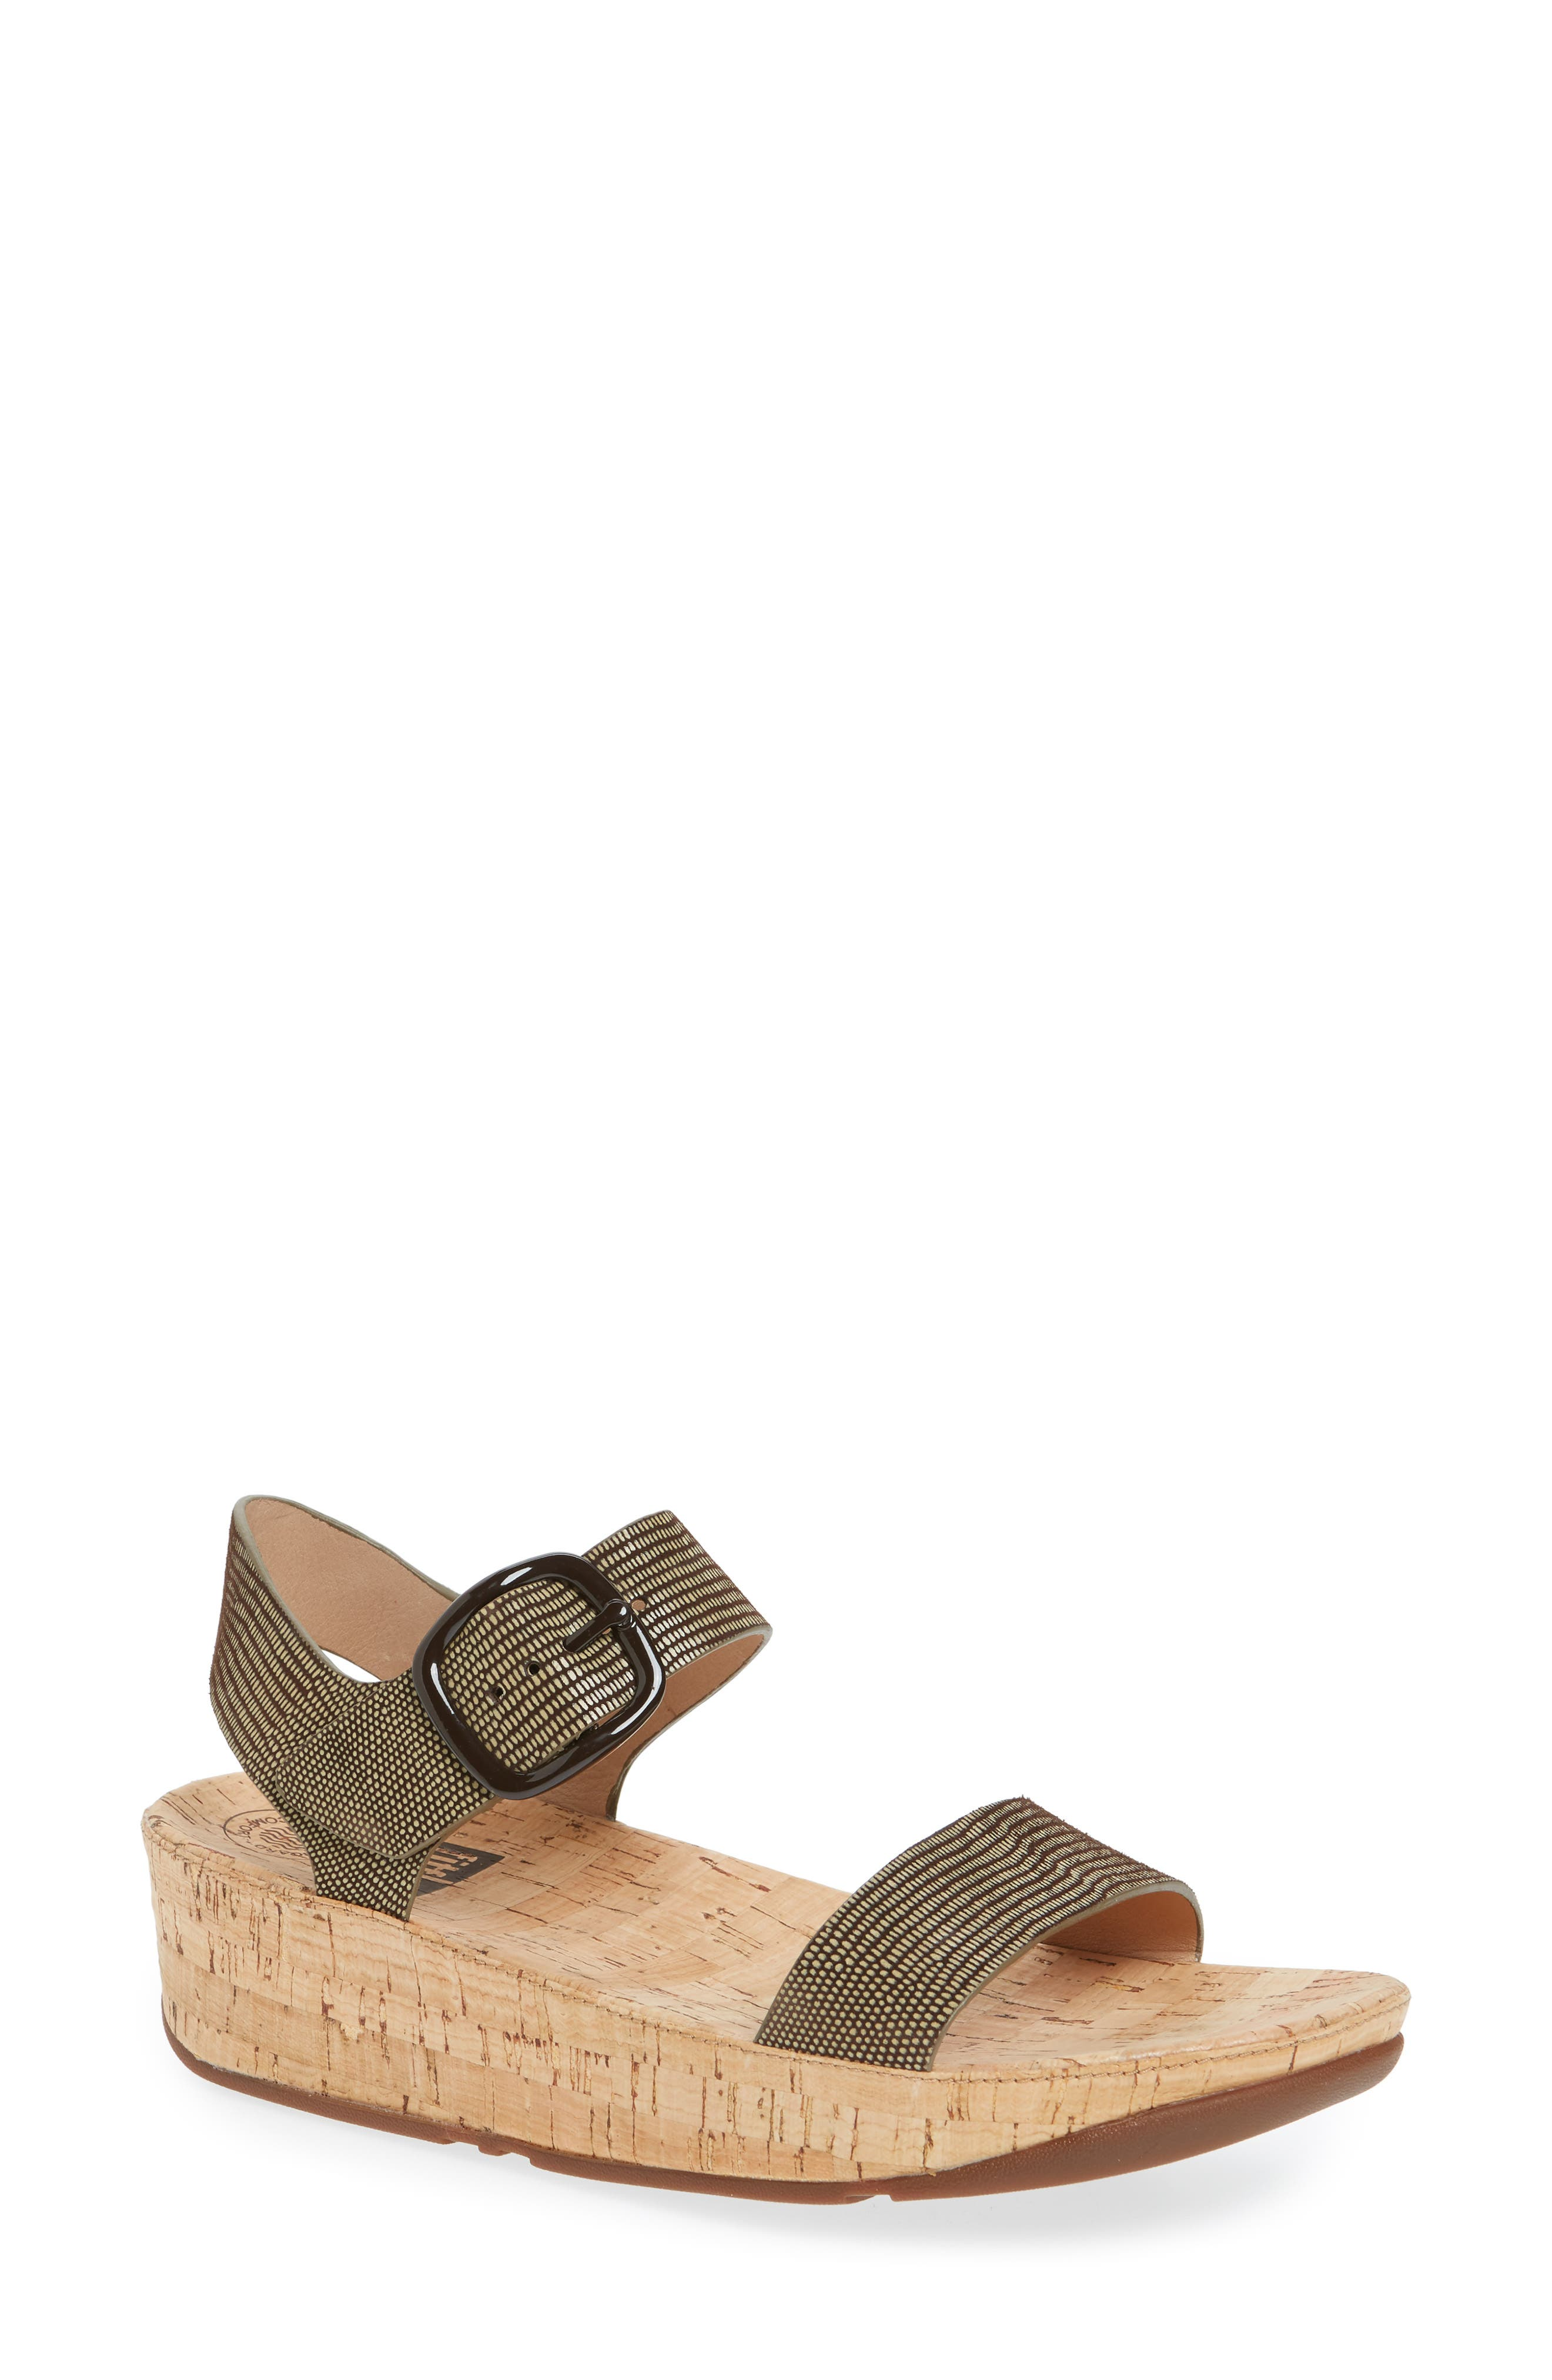 FitFlop Bon Sandal